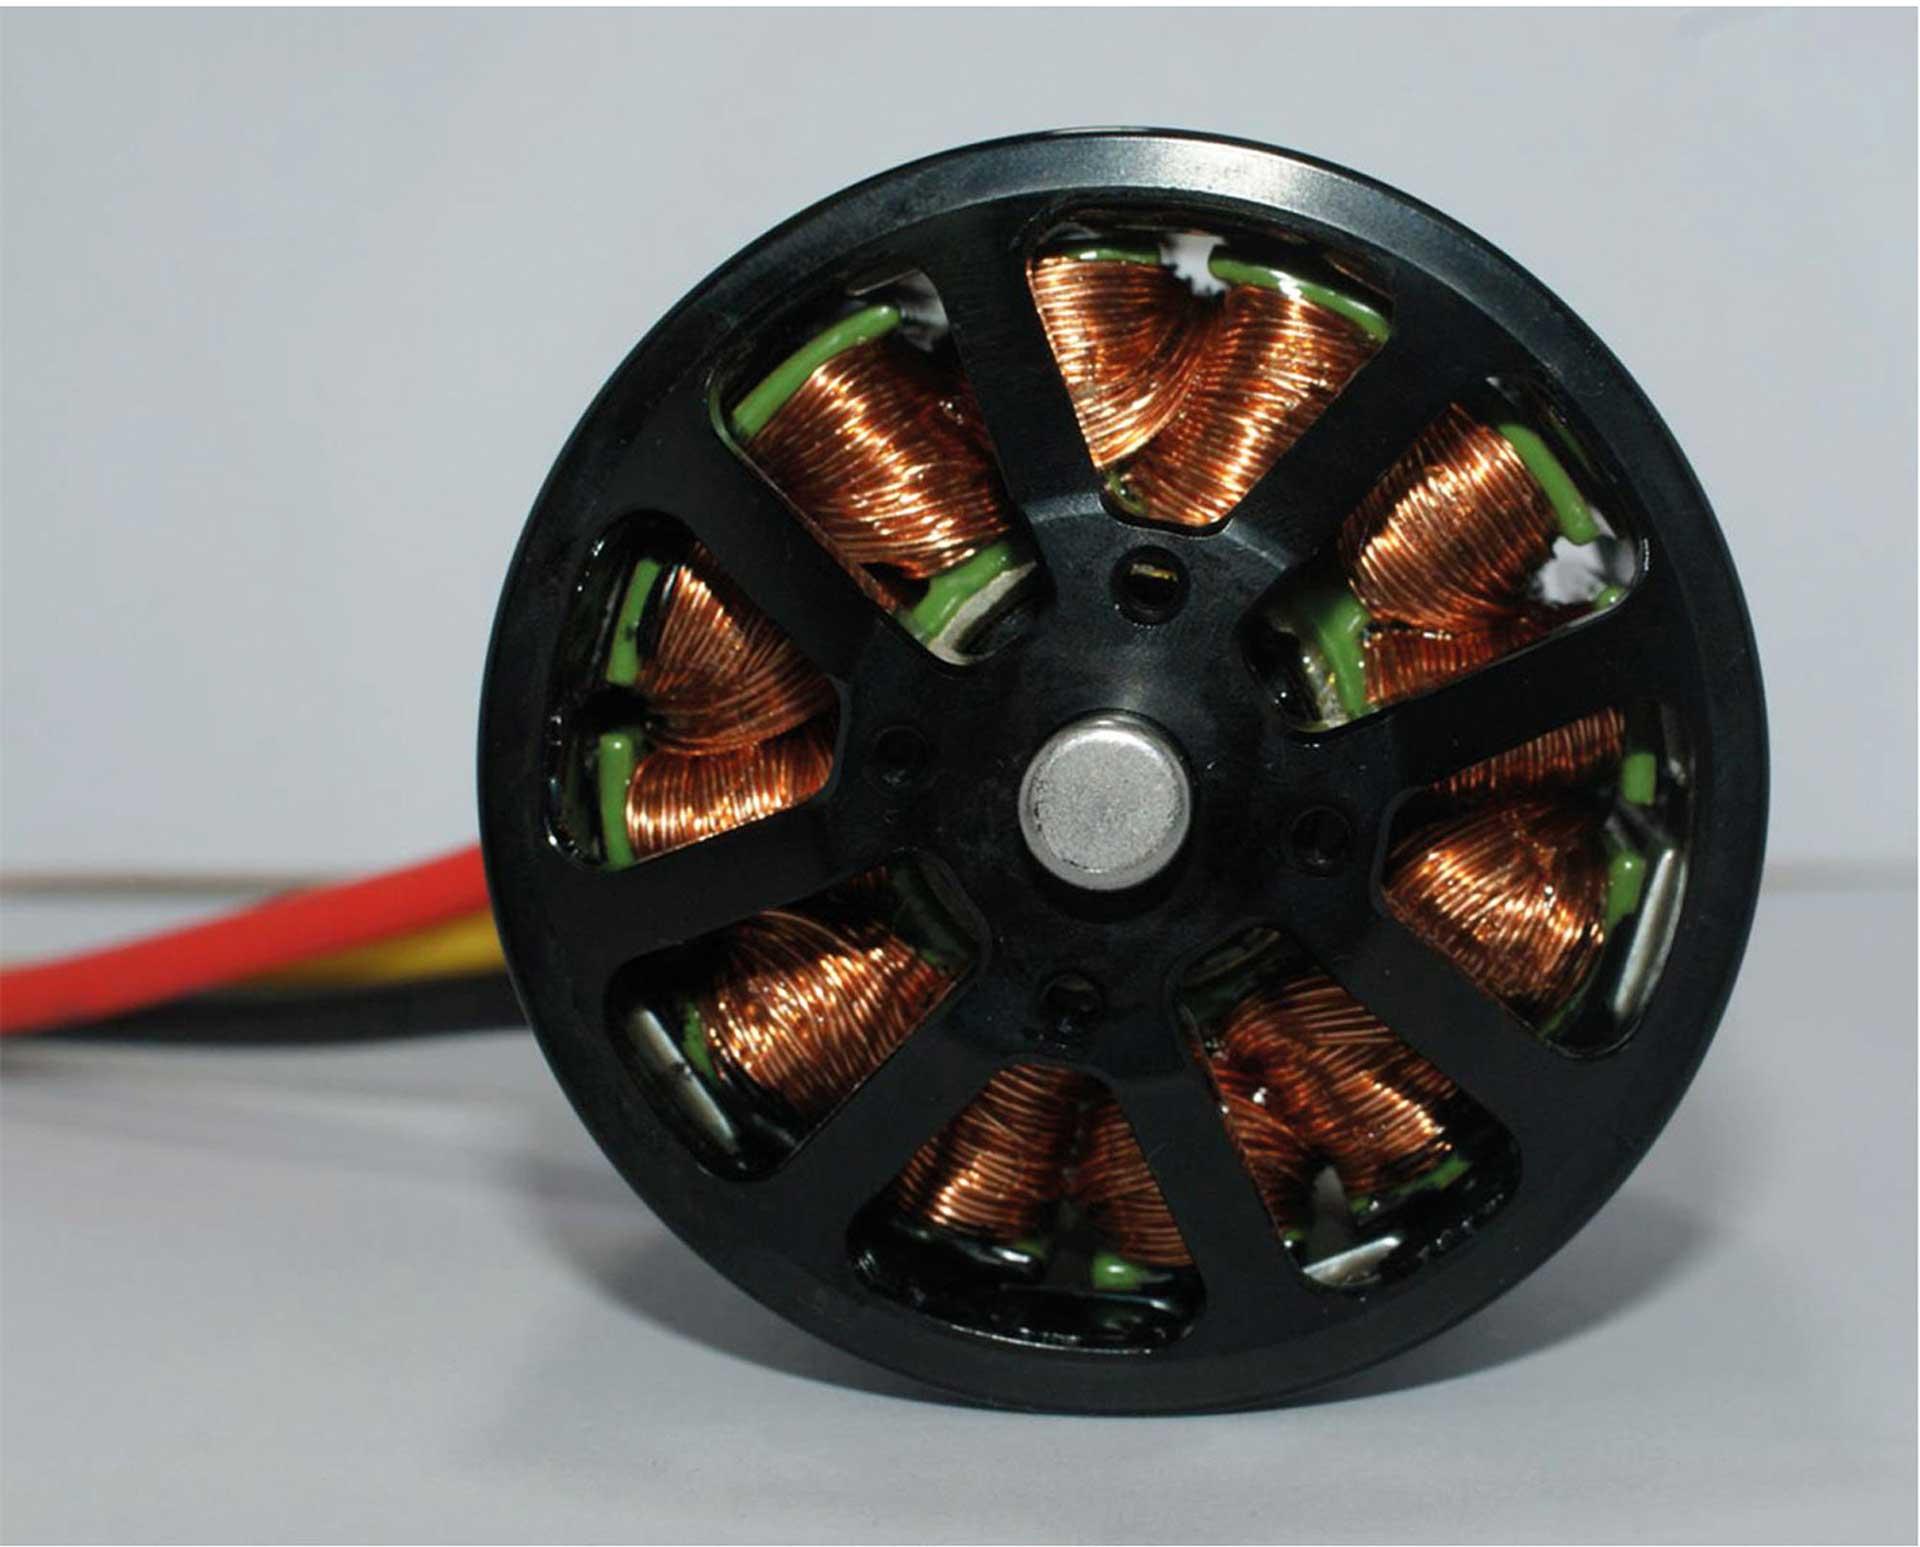 ROBBE RO-POWER TORQUE 6369 275 K/V BRUSHLESS MOTOR